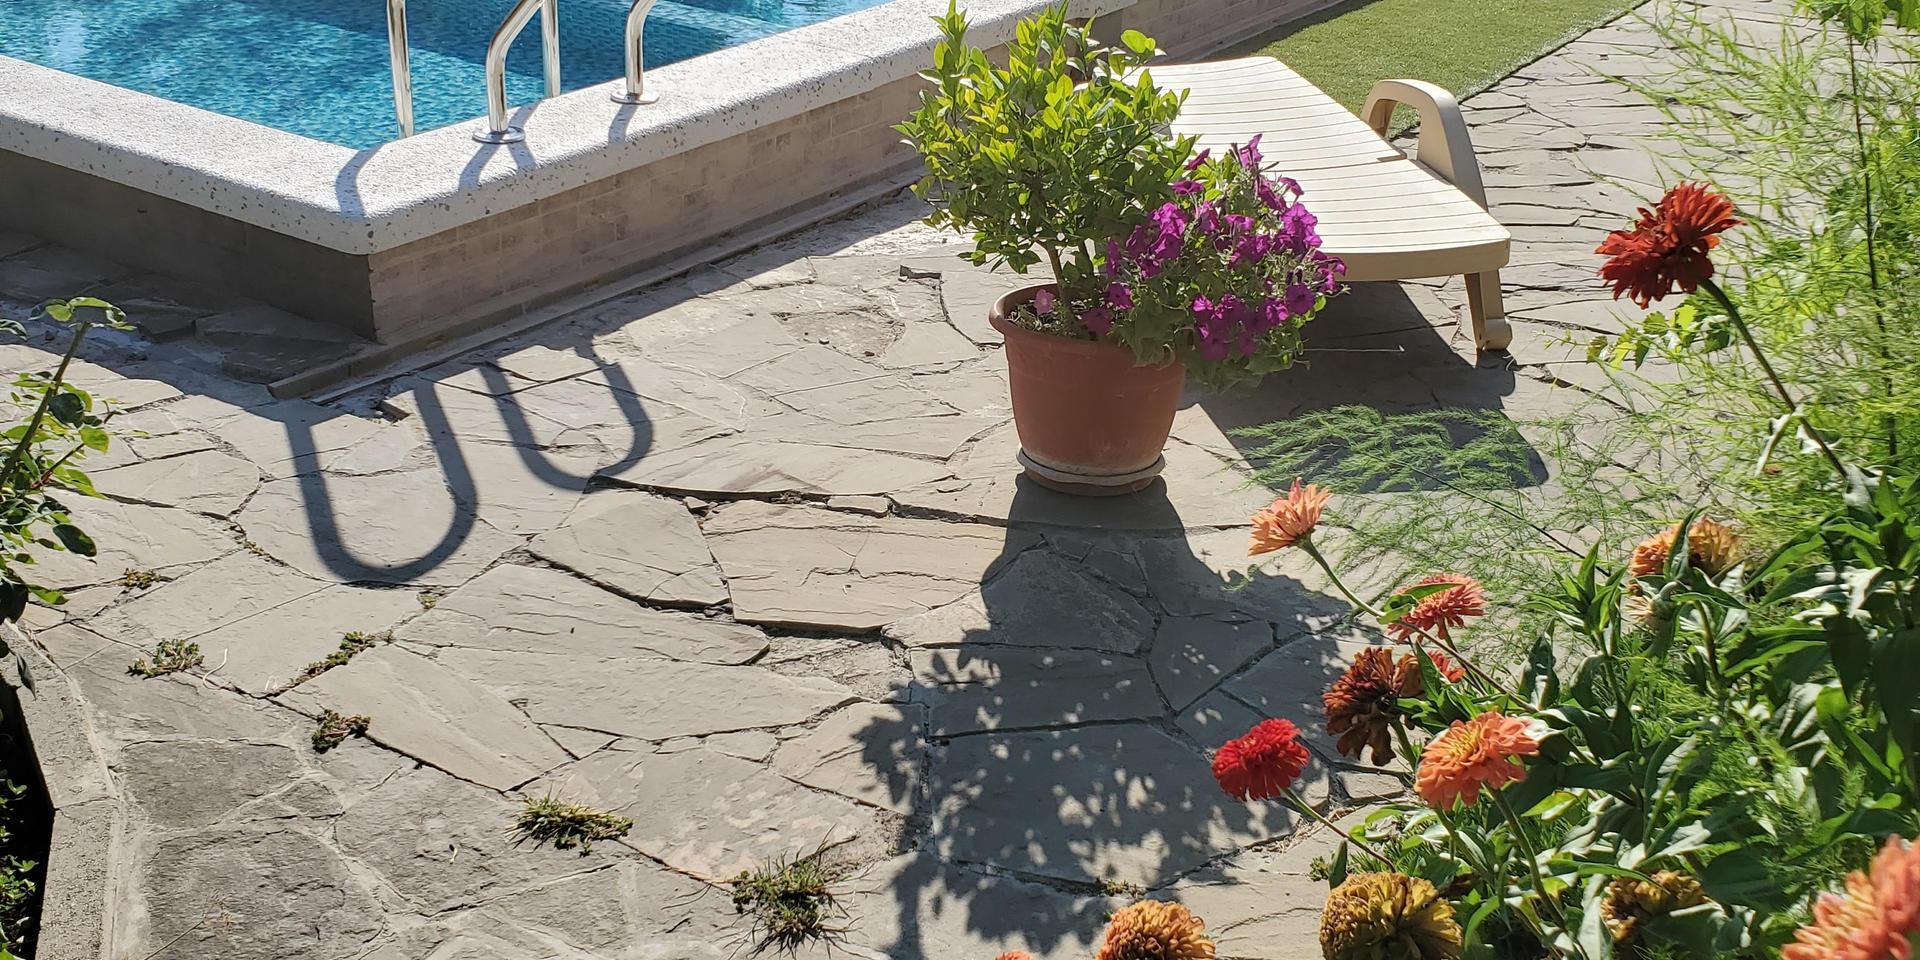 garden & pool - 20200731_165203.jpg